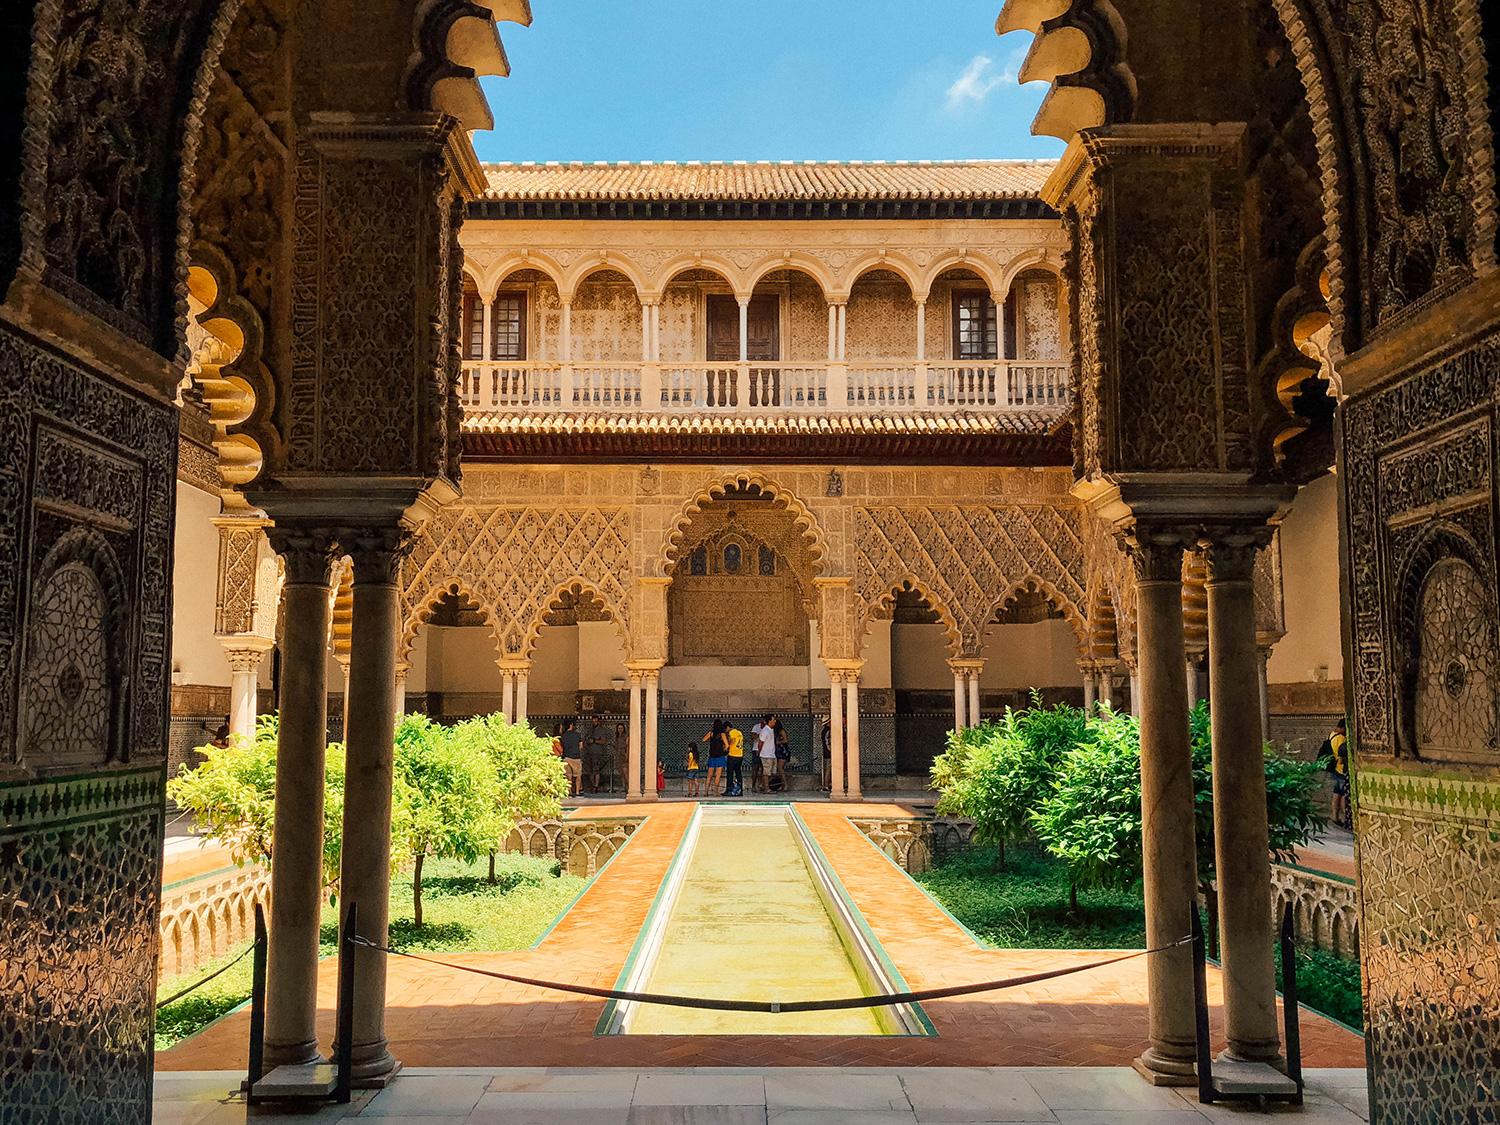 L'un des patios intérieurs de l'Alcázar